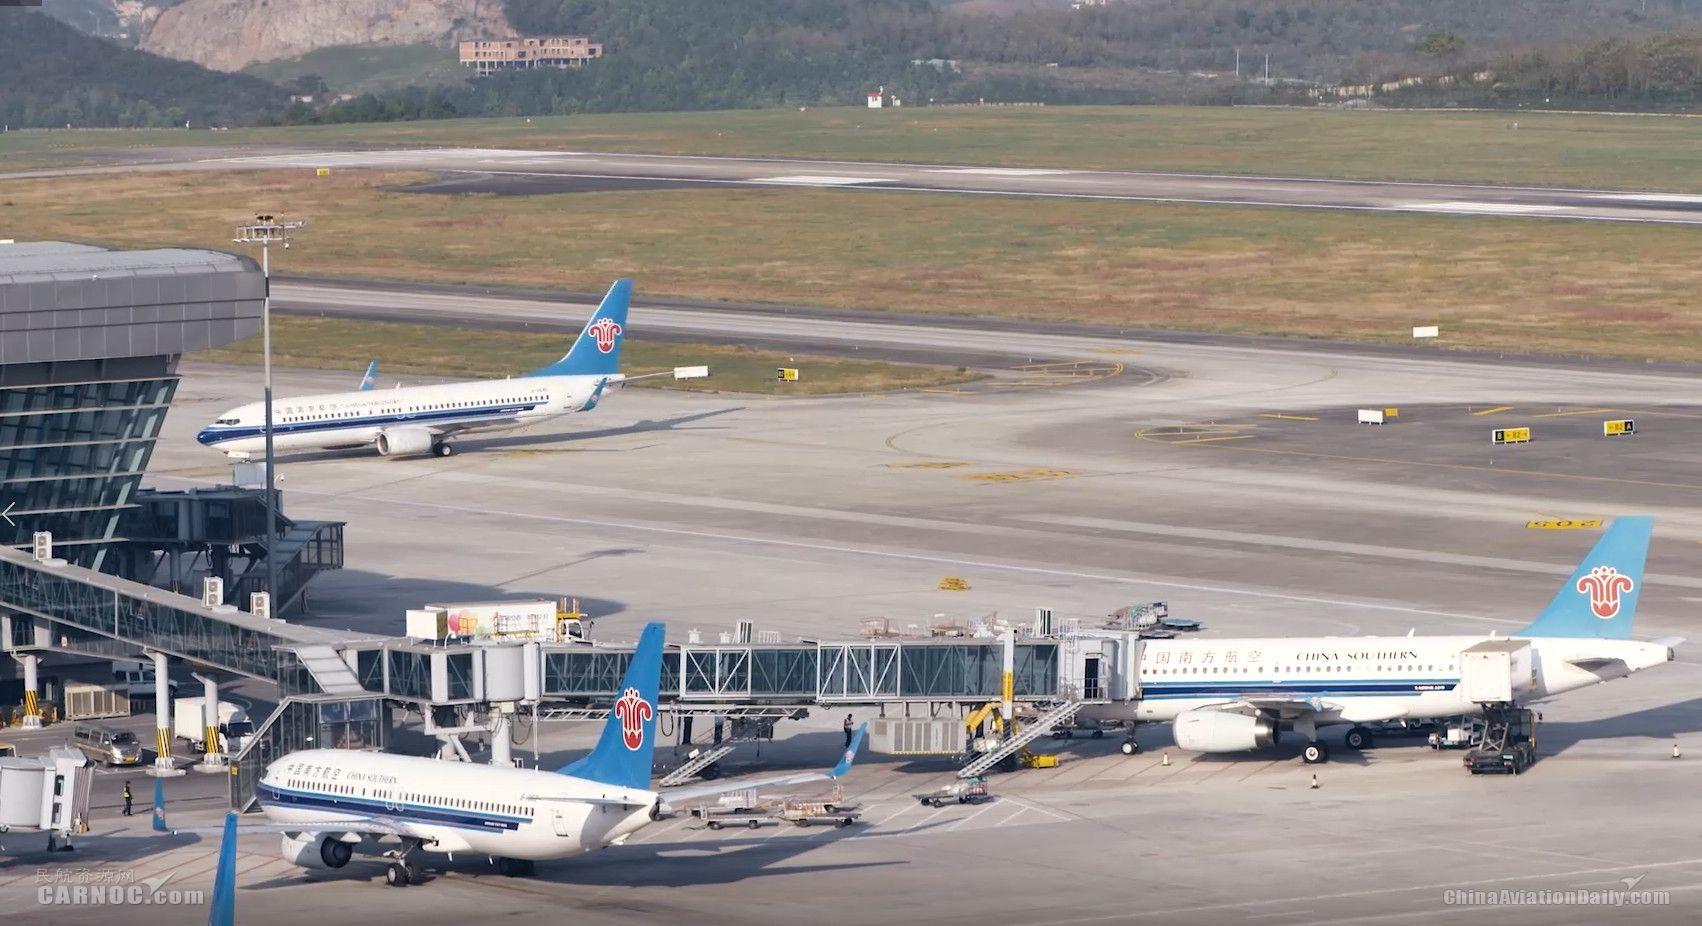 南航12月25日起将开通广州-昆明-伊斯兰堡往返航线